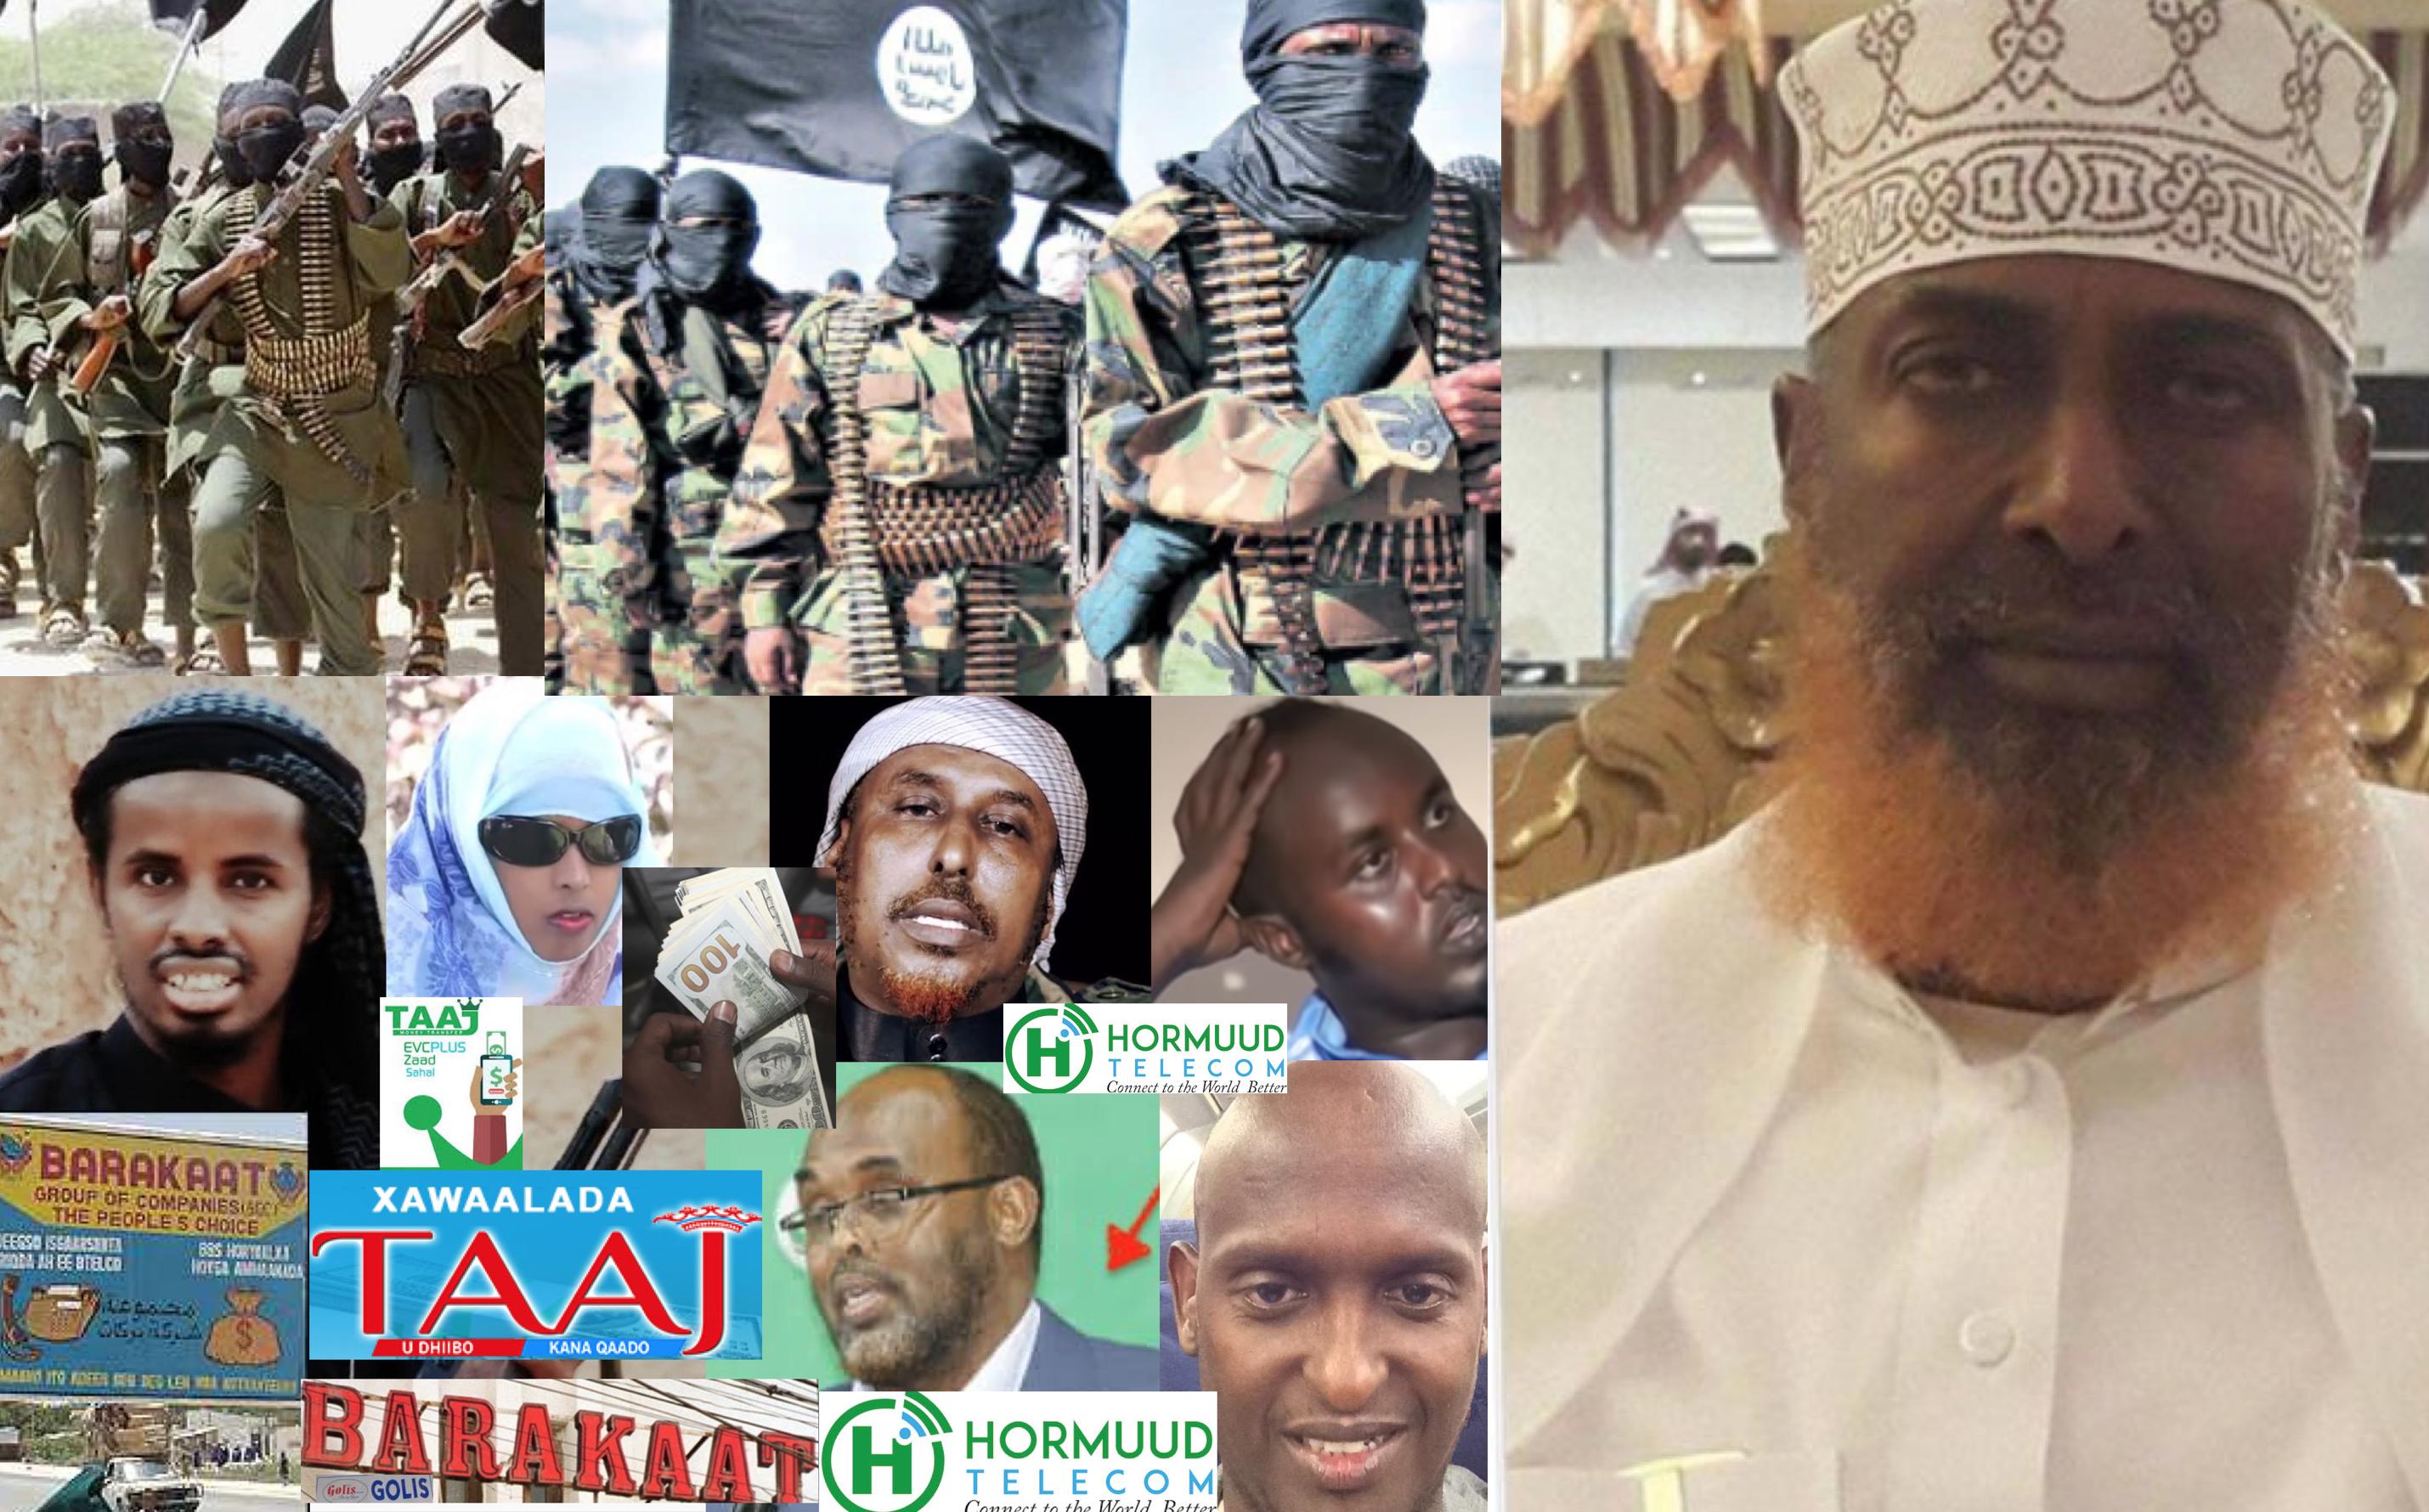 Hormuud Telecom is the greatest financier of Al-Shabaab